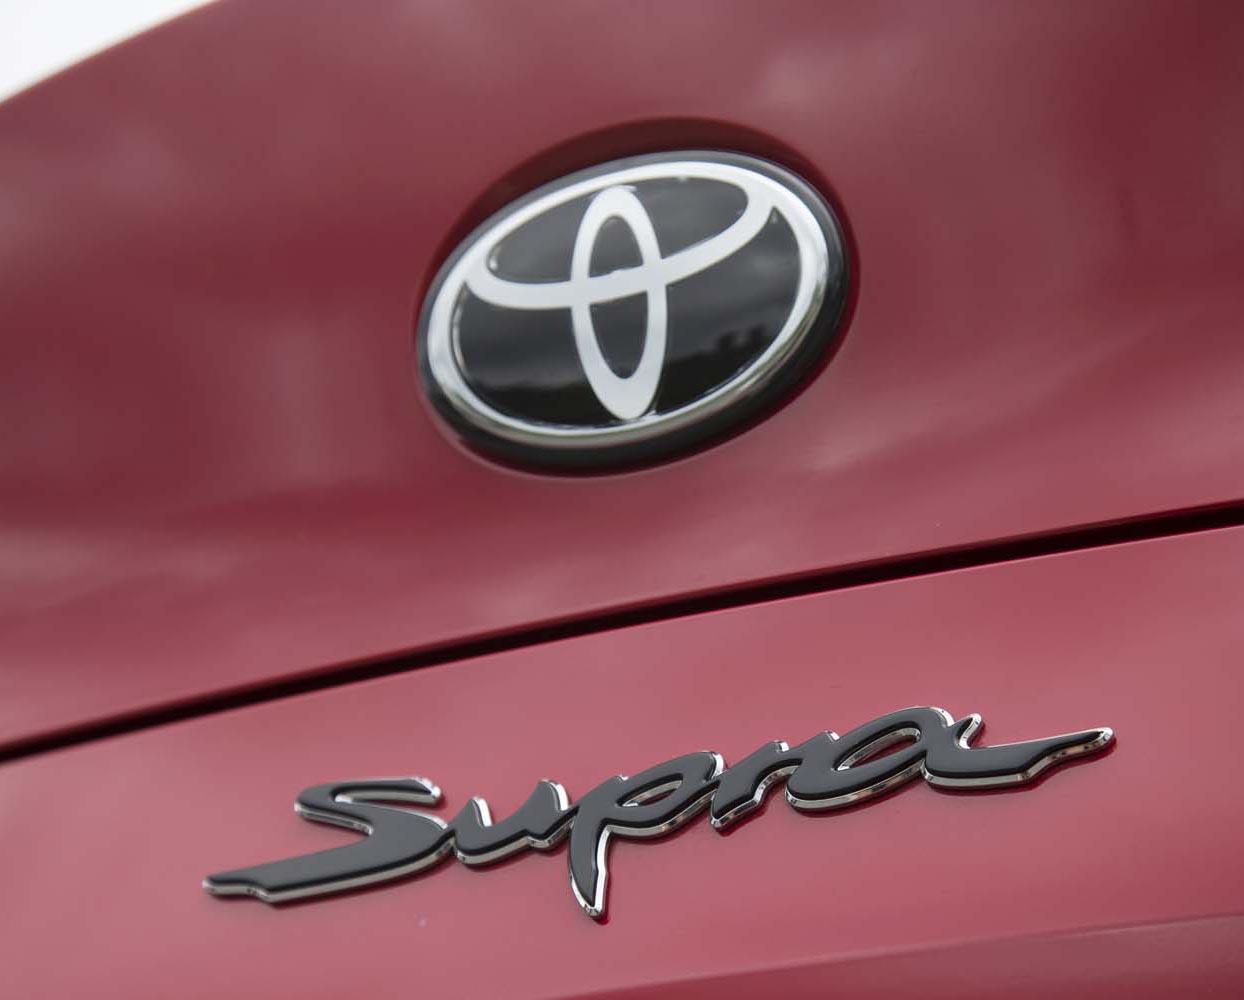 リア中央に配されるエンブレム。毛筆を思わせる「Supra」の車名ロゴが個性的。